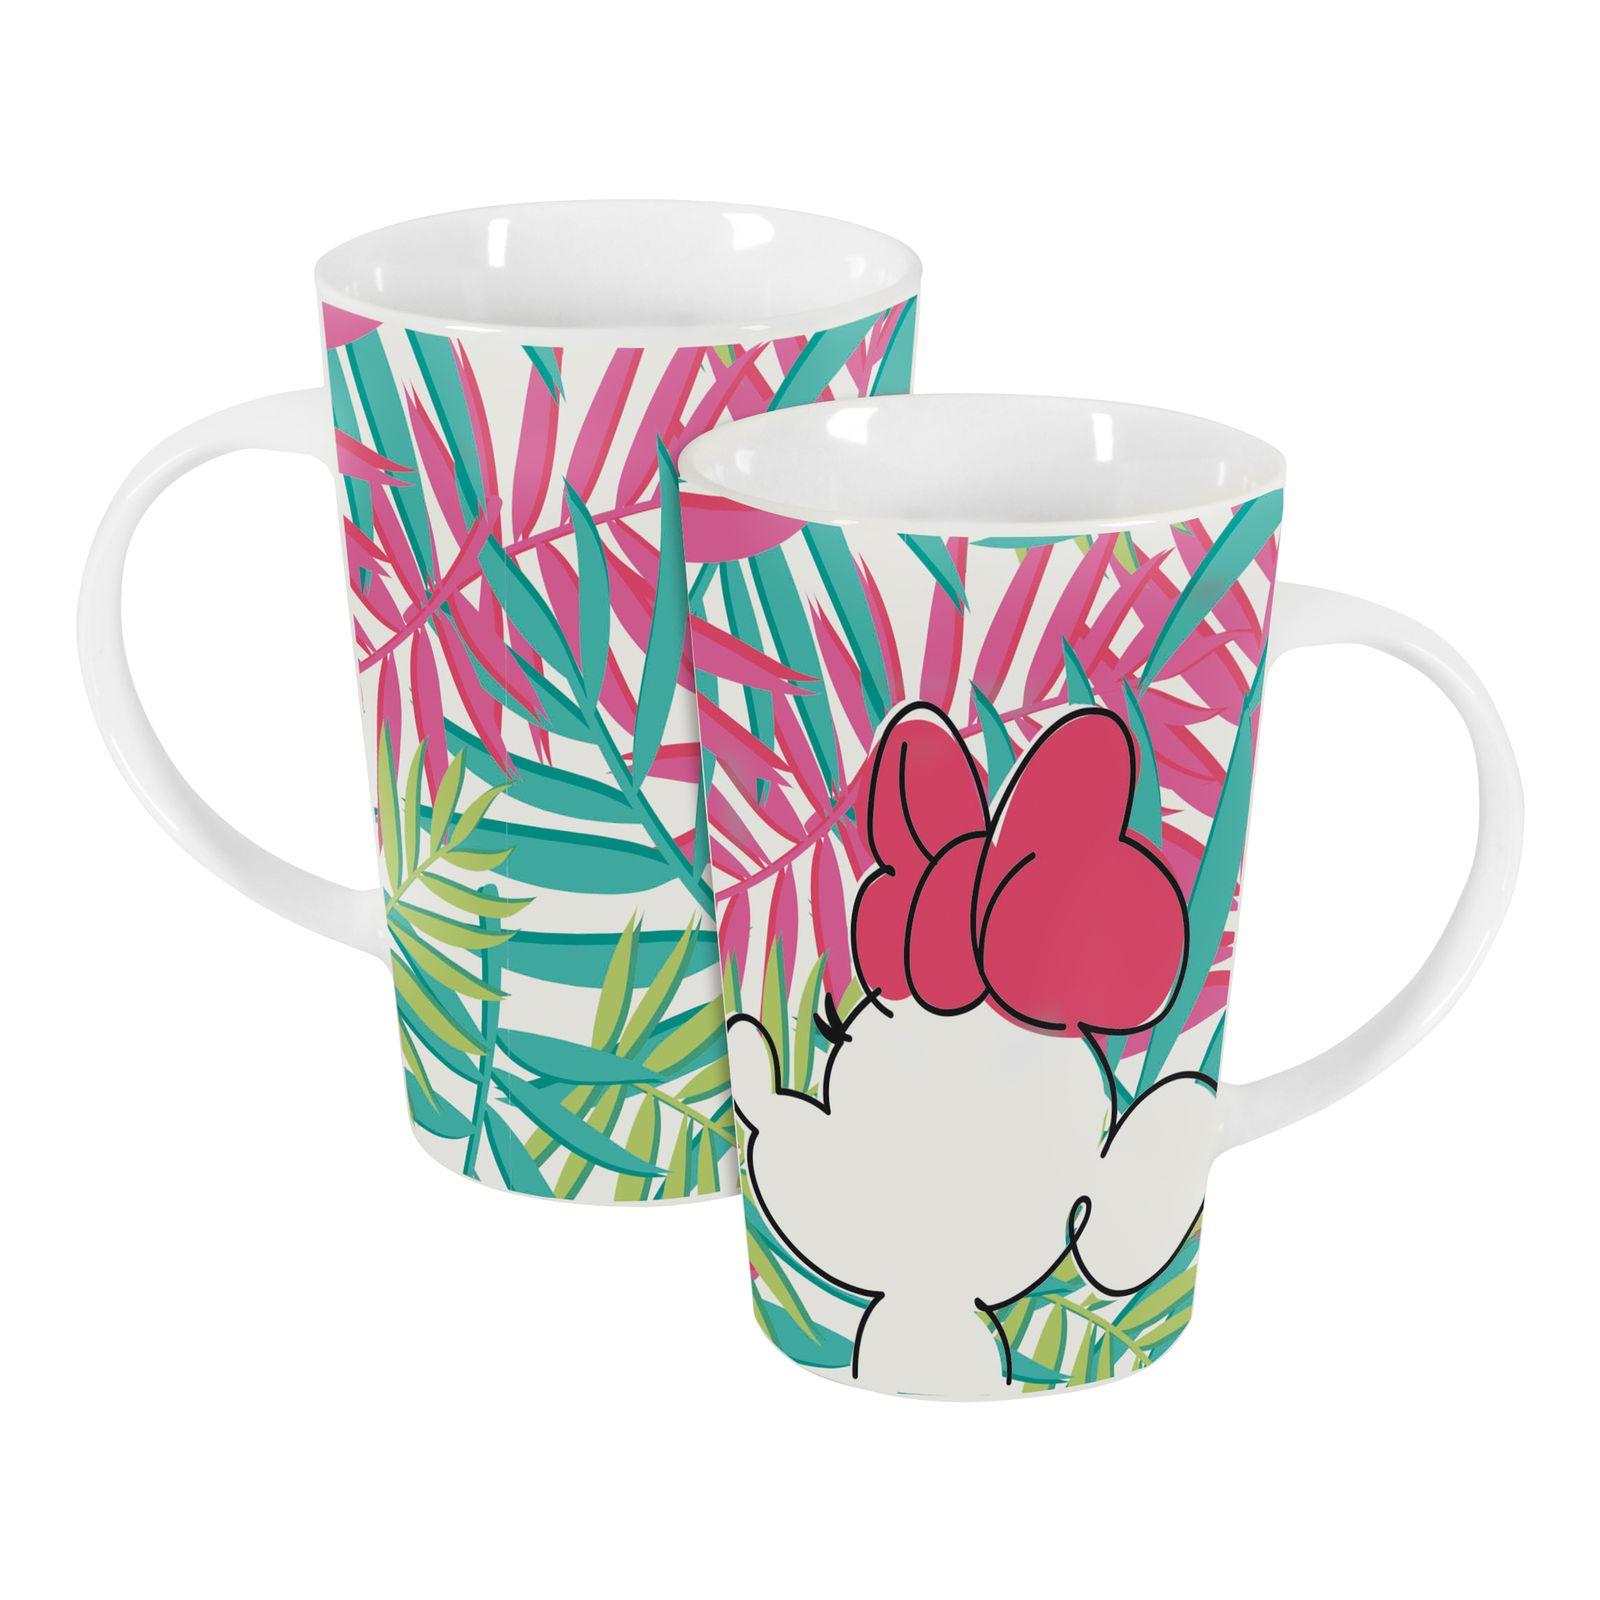 Tasse en porcelaine Minnie Tropical 43 cl Feuilles de palmier DISNEY / AMBITION